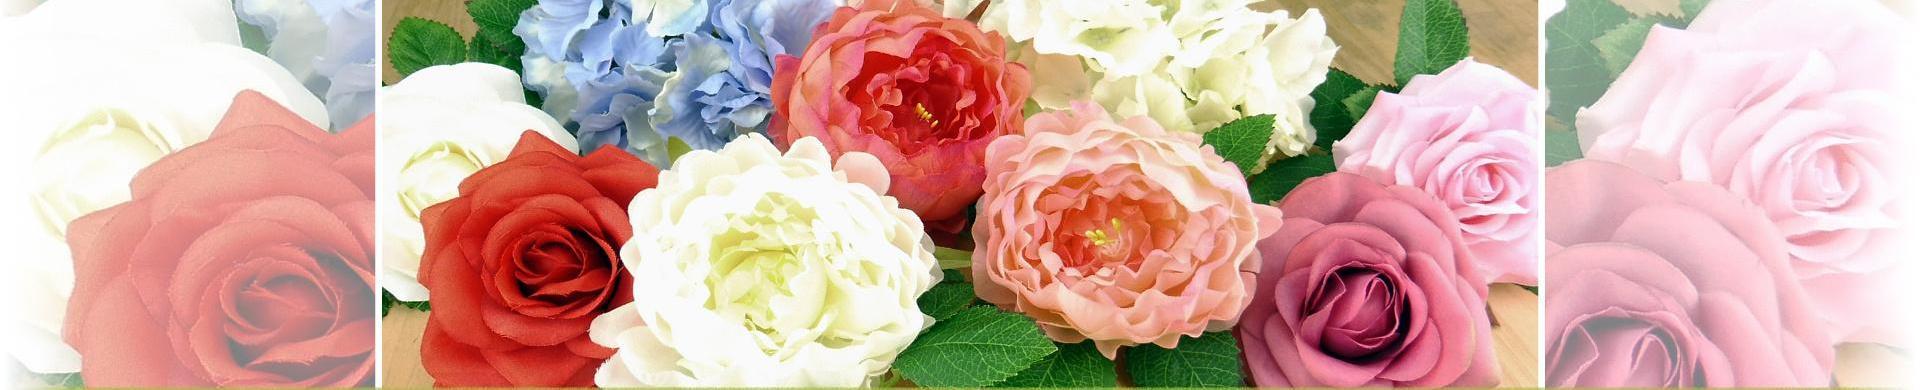 Flower Heads for Stems